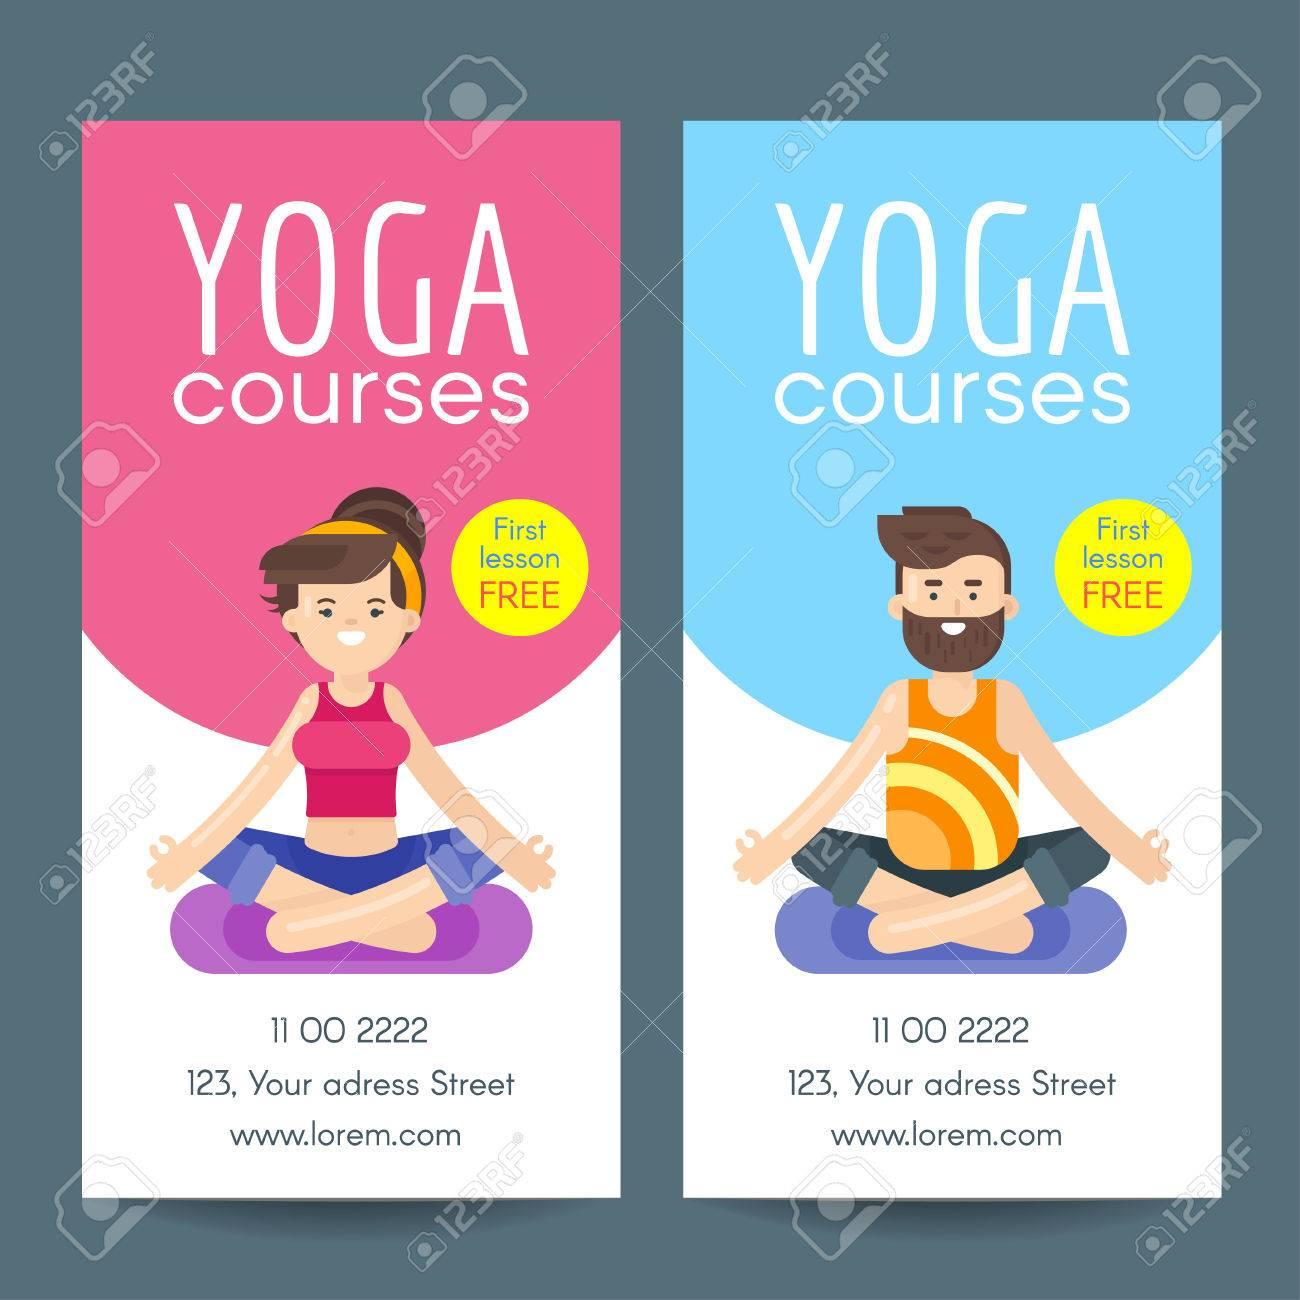 Vector Flachen Stil Design-Vorlage Für Yoga-Flyer. Frau Und Bärtiger ...